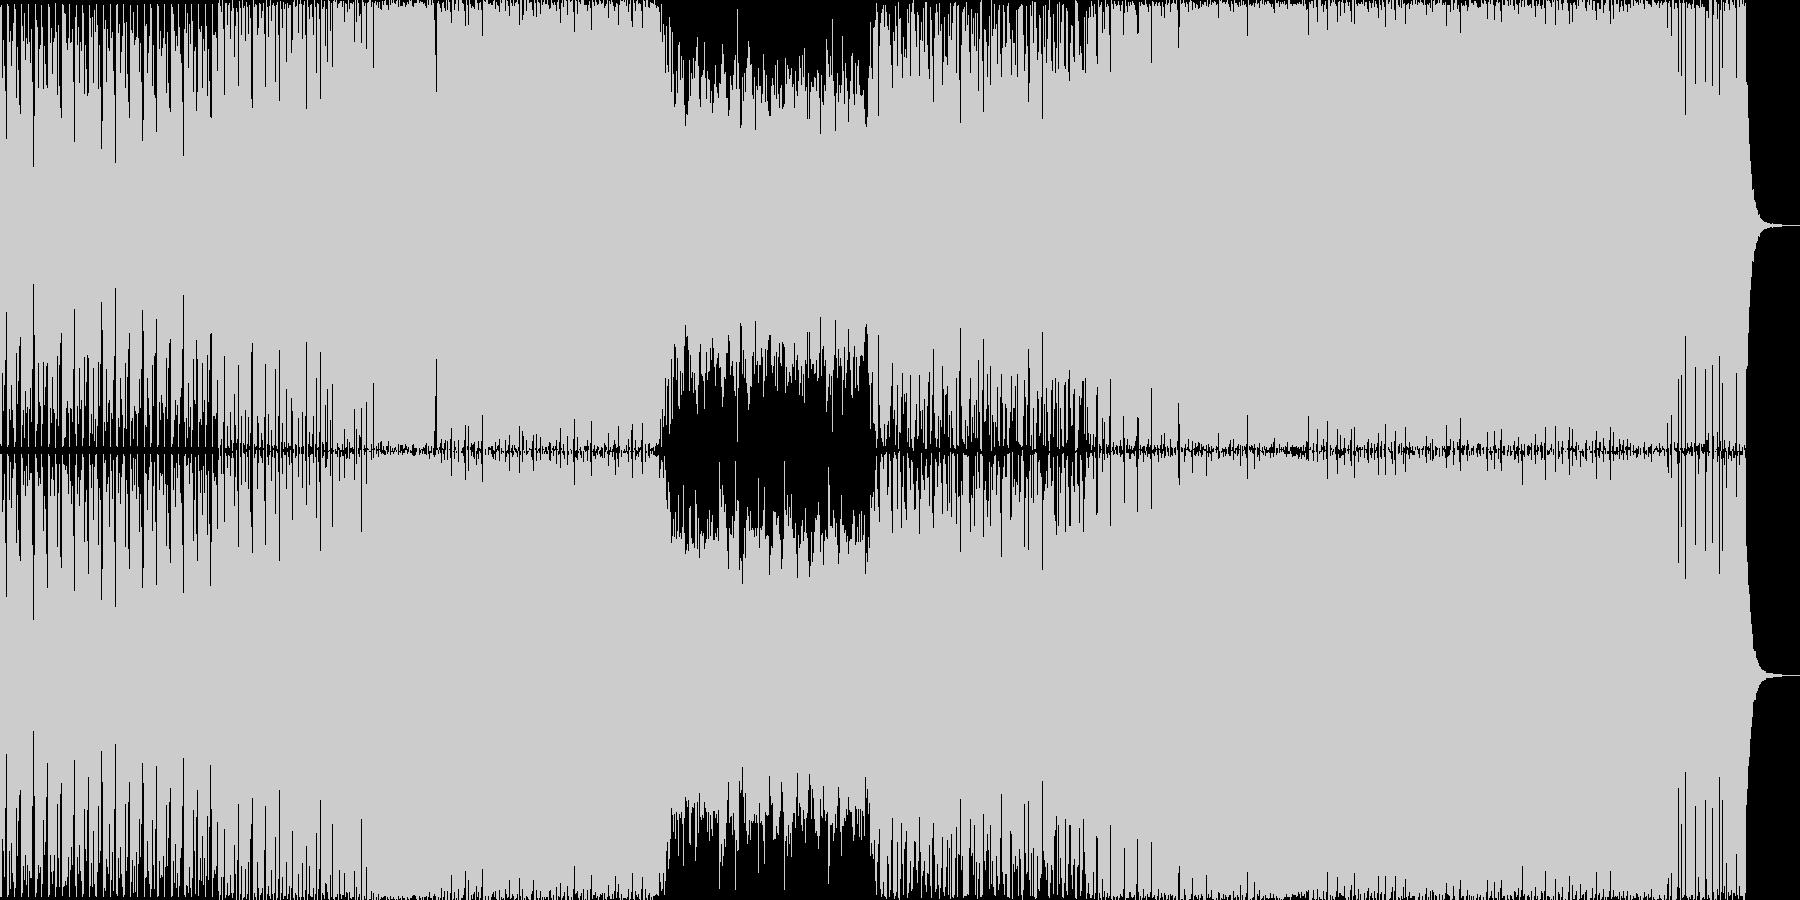 激しめのBig room(EDM)です。の未再生の波形